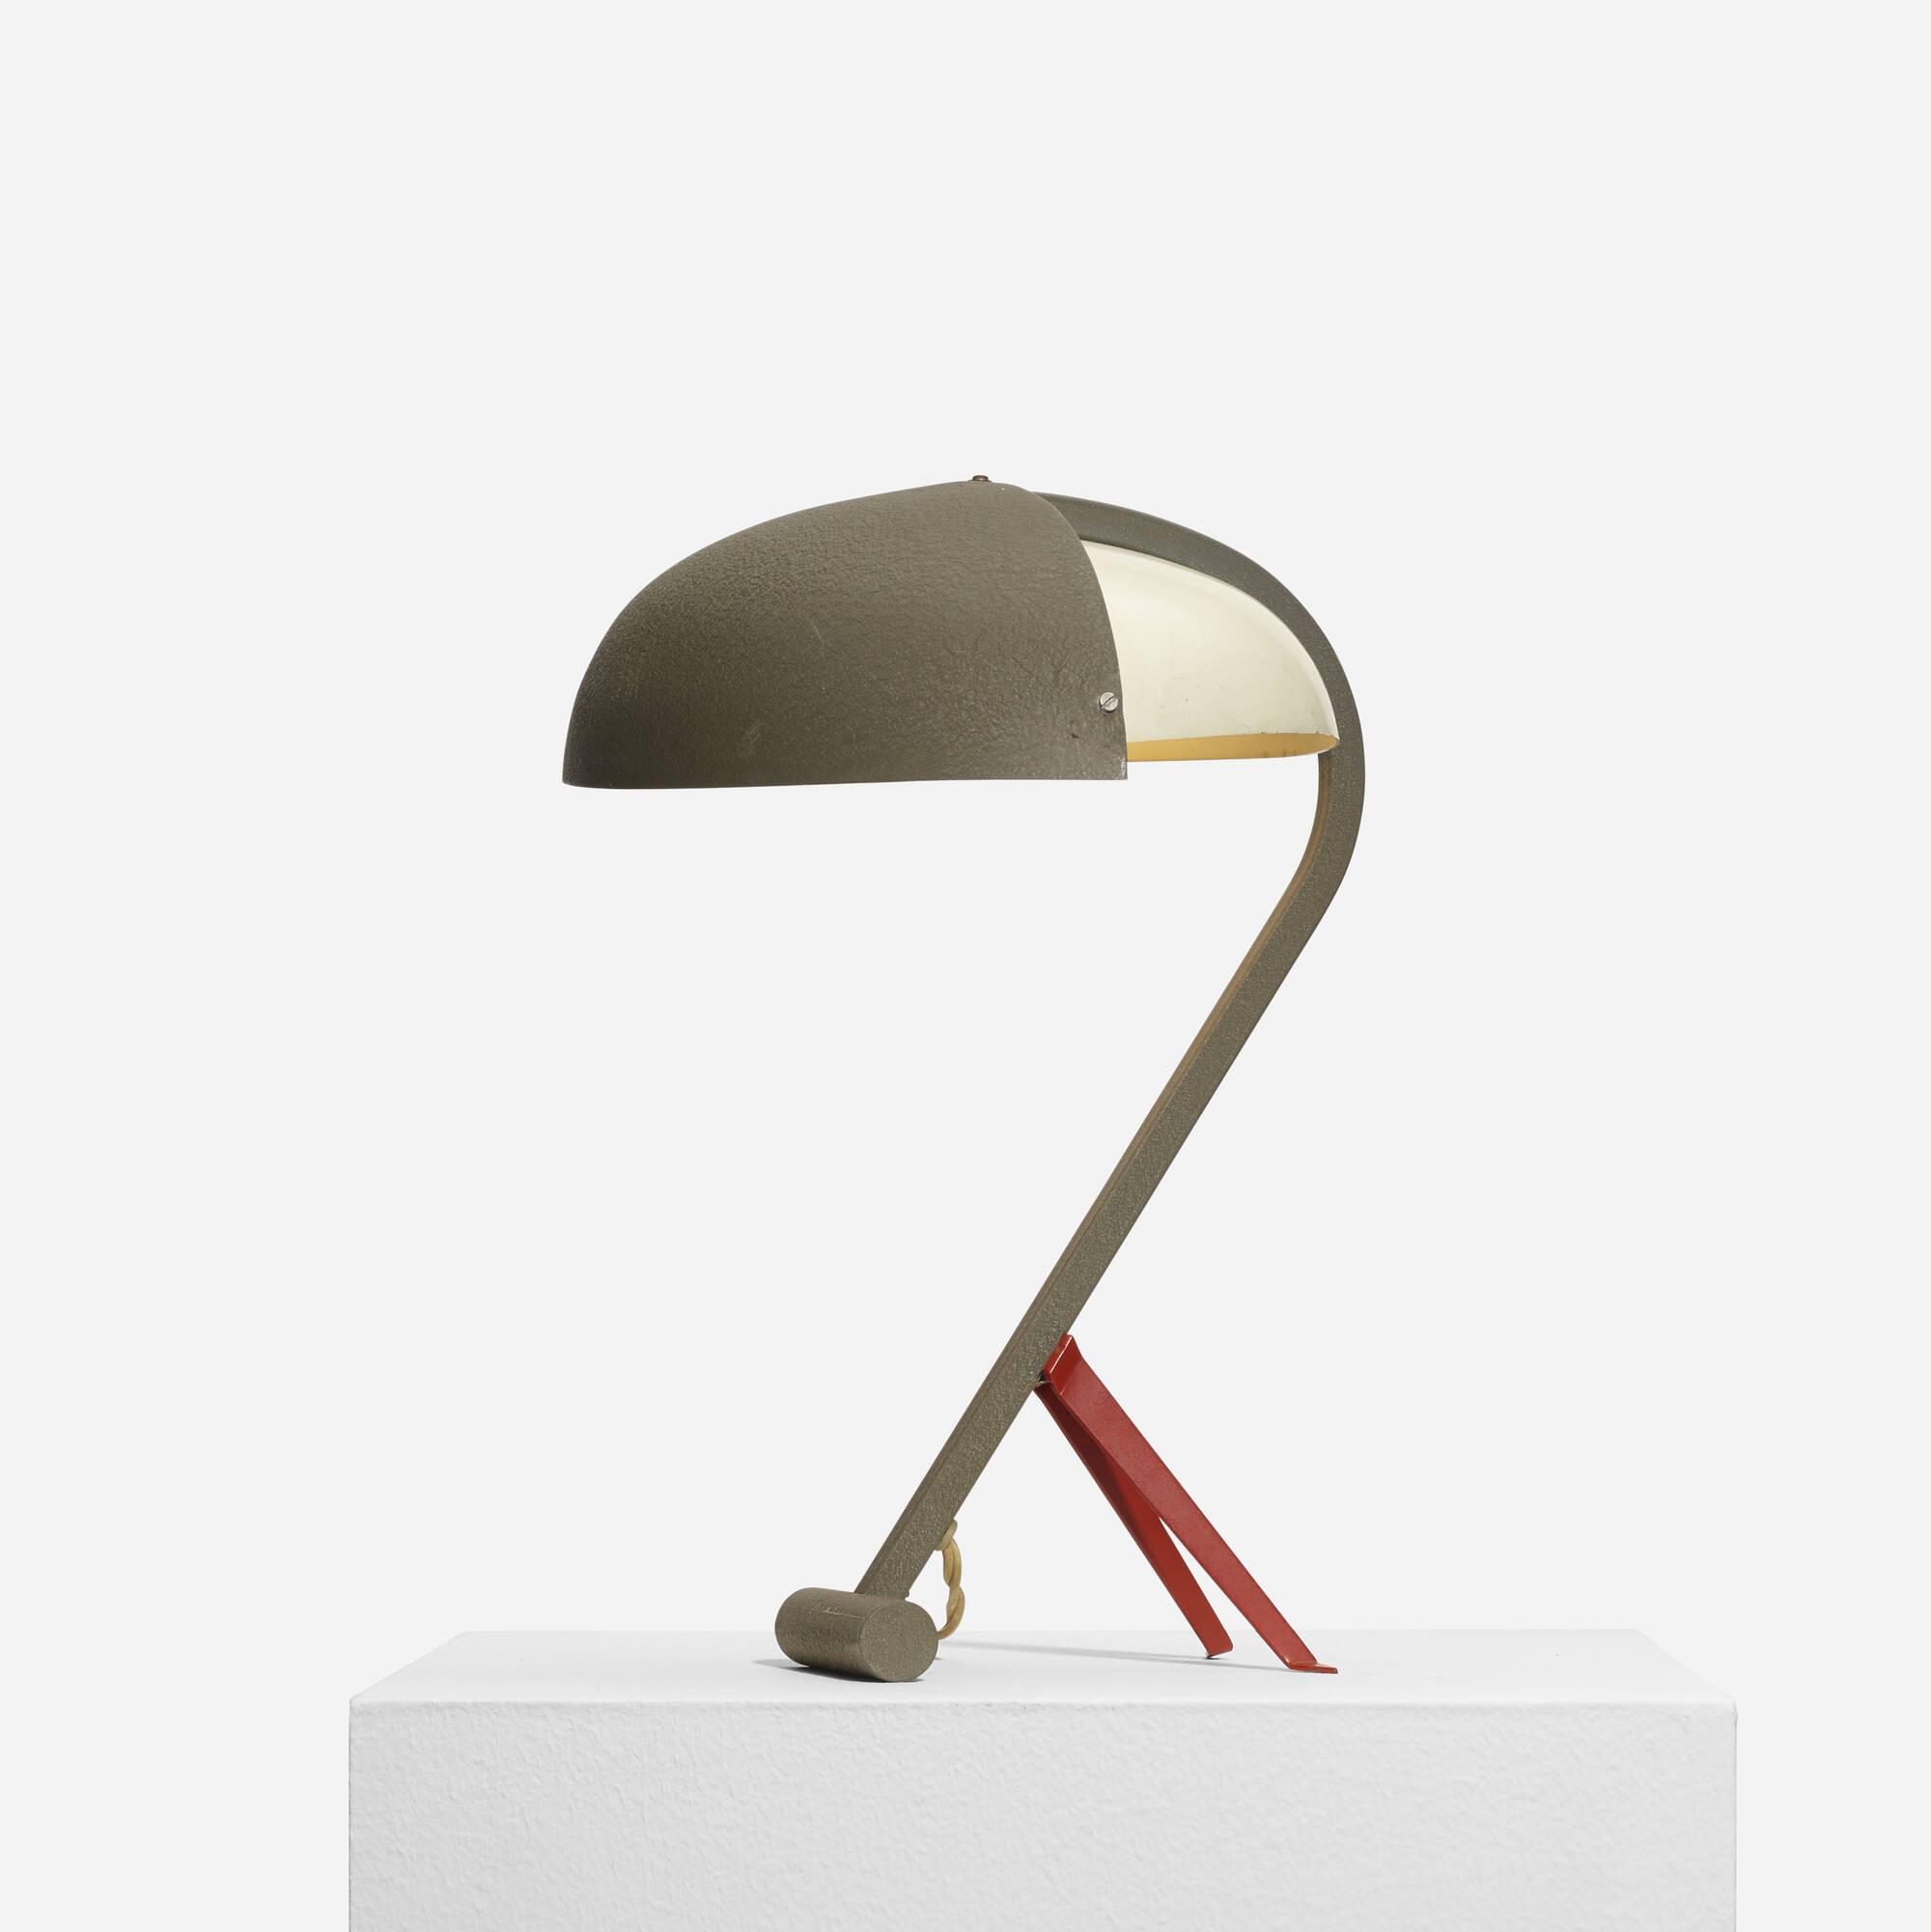 156: Louis Christiaan Kalff / table lamp (1 of 2)